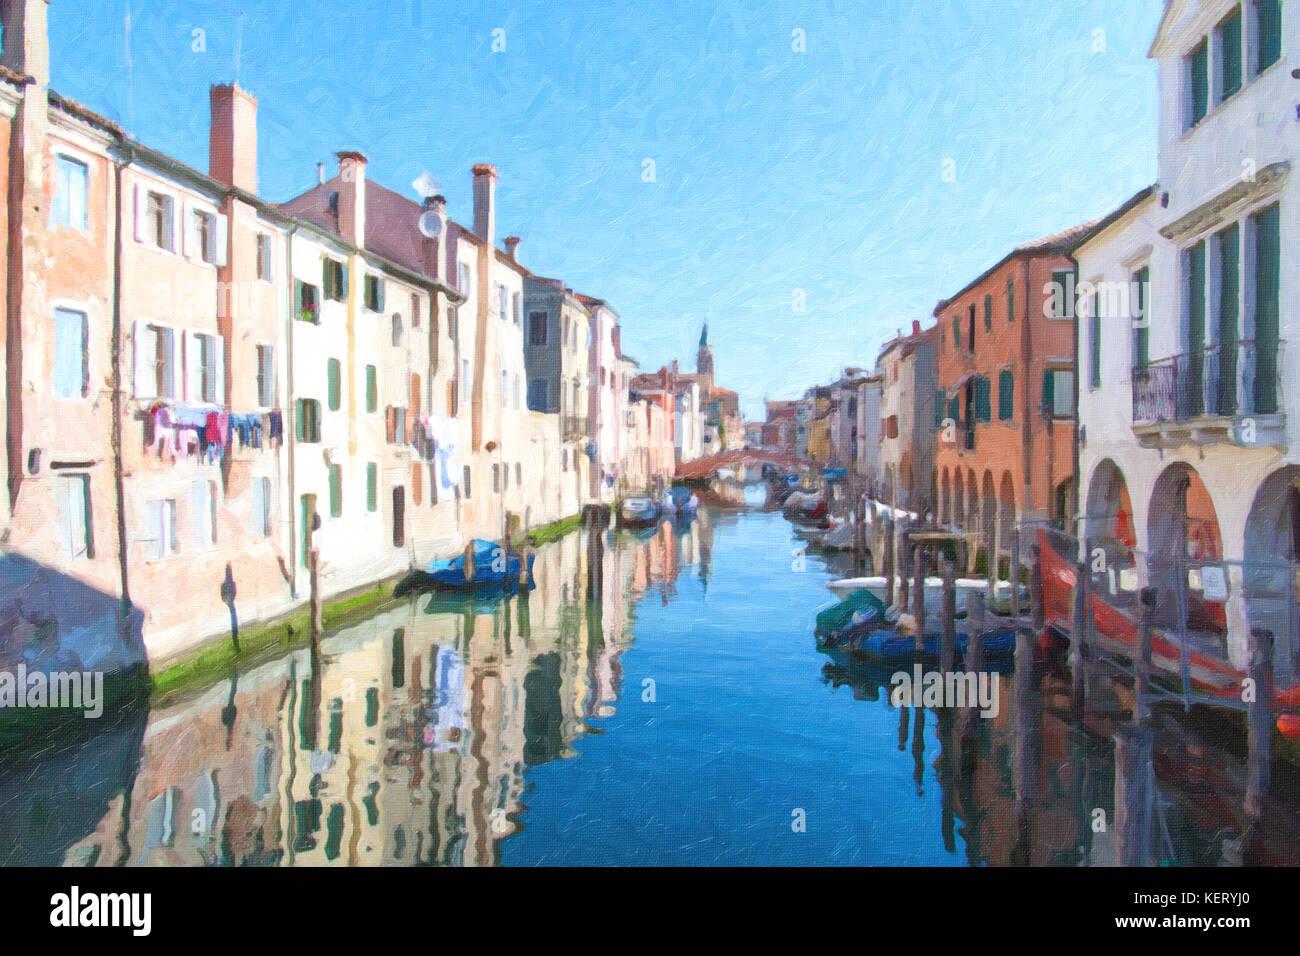 Peinture de vue de la ville de Chioggia, Italie, la petite Venise. Photo Stock